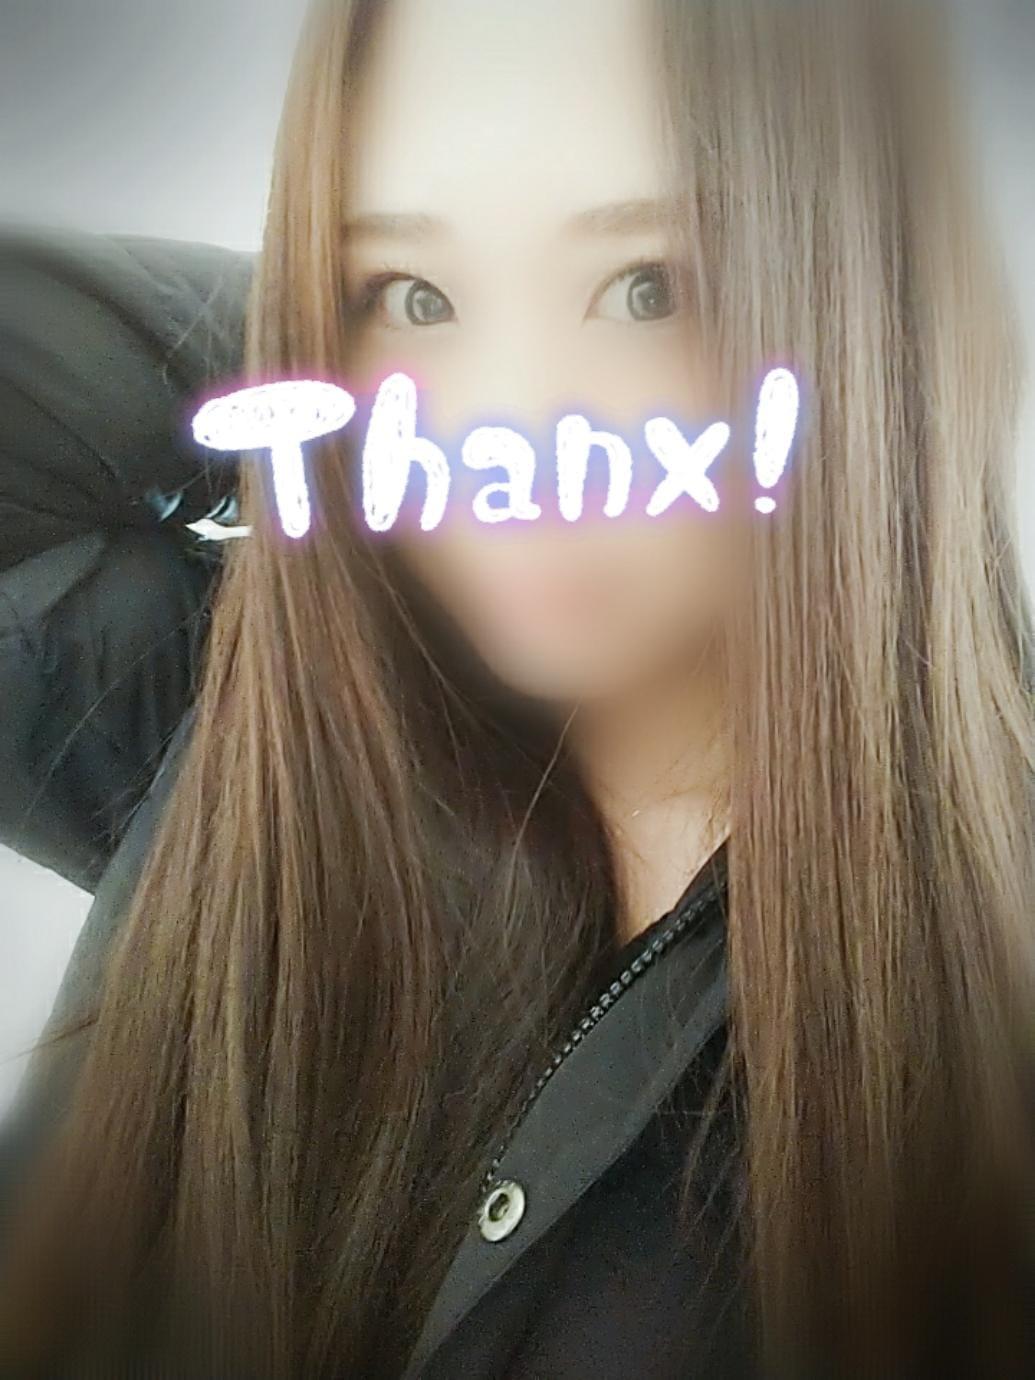 「Thank☆」02/16日(土) 16:30 | あこの写メ・風俗動画